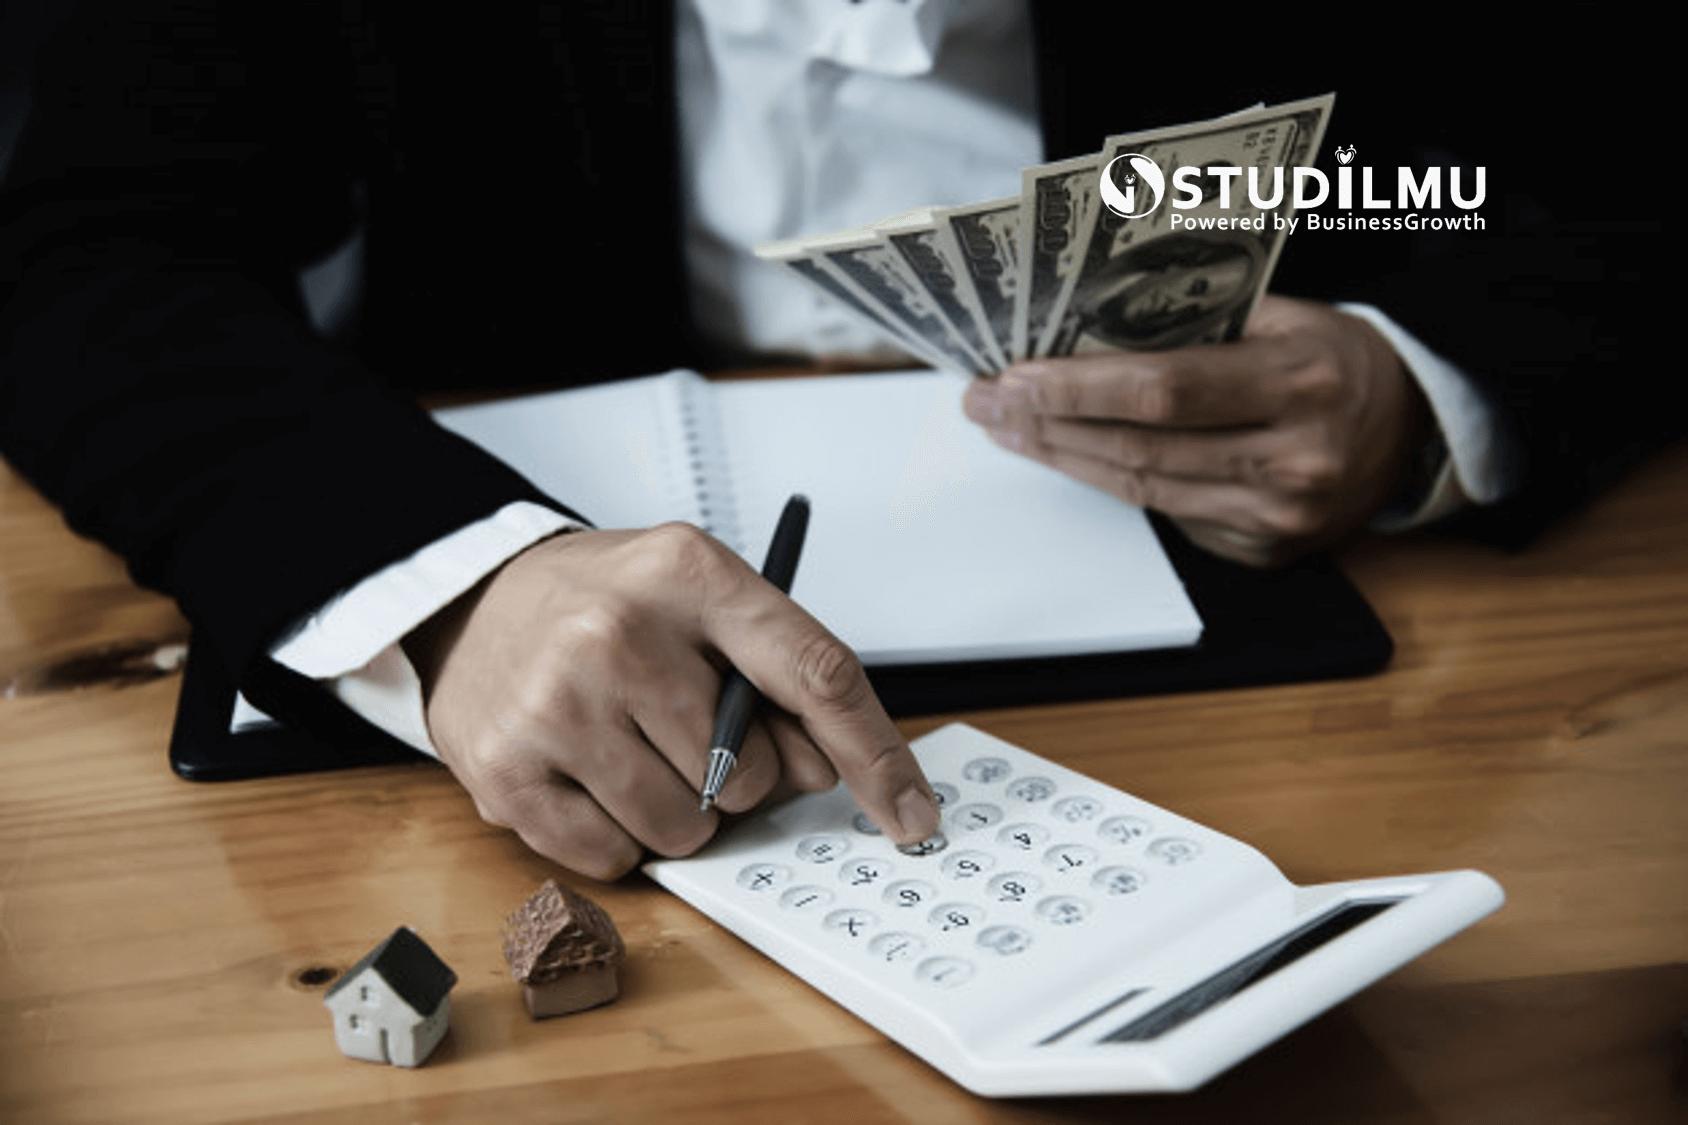 STUDILMU Career Advice - Manajemen Keuangan, Manfaat dan Tips Manajemen Keuangan untuk Karyawan